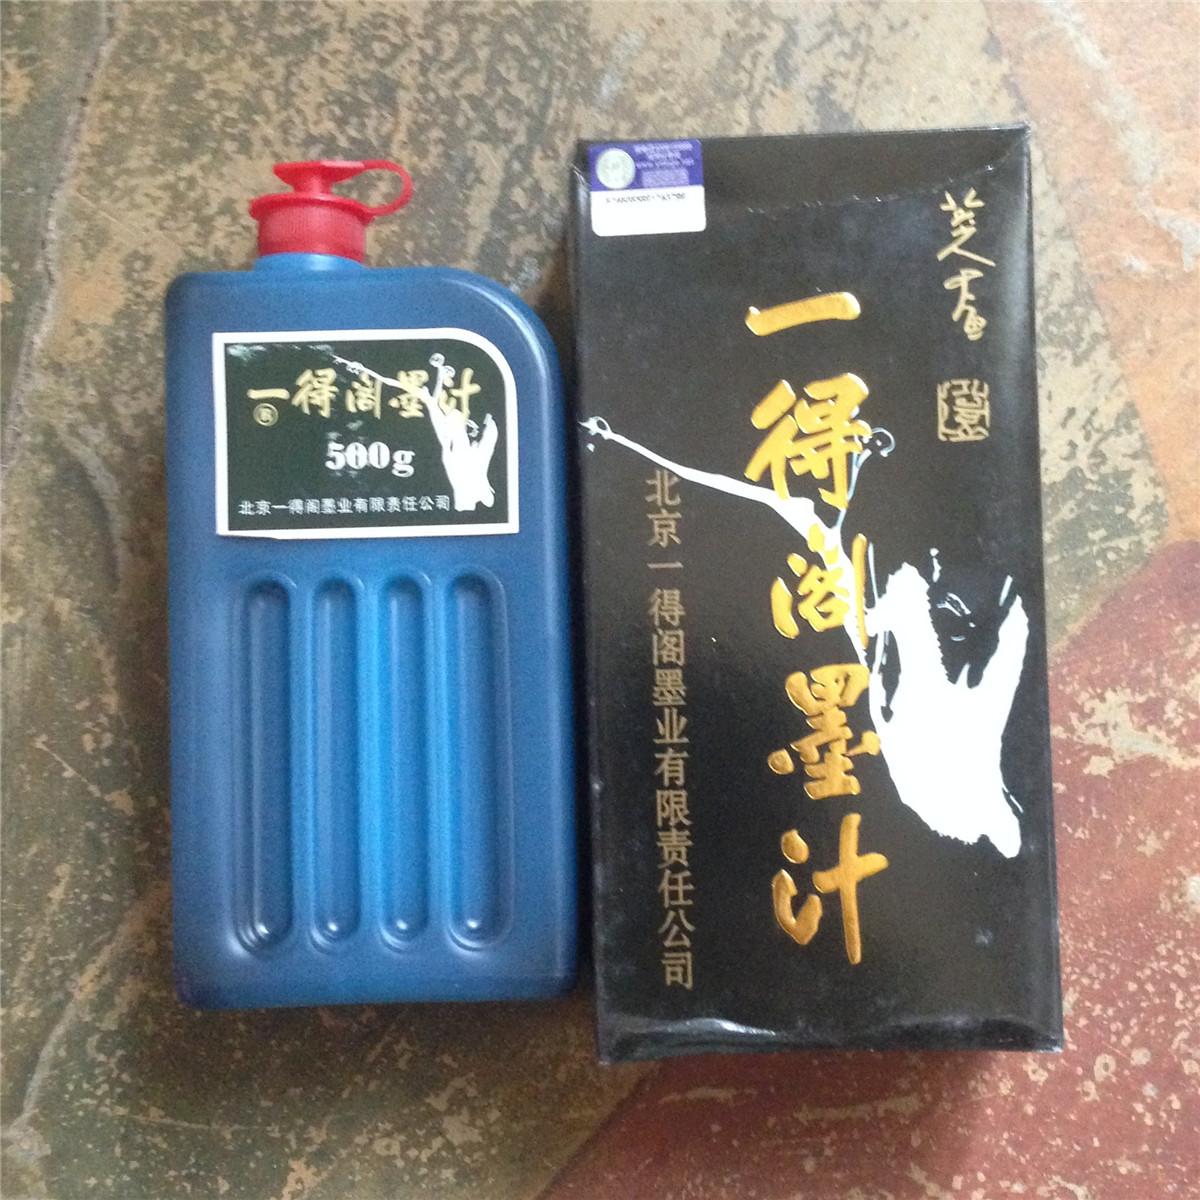 Пекин GE изысканные подлинной верхней матч чернила каллиграфии поставок четыре сокровища сосны дым 500g